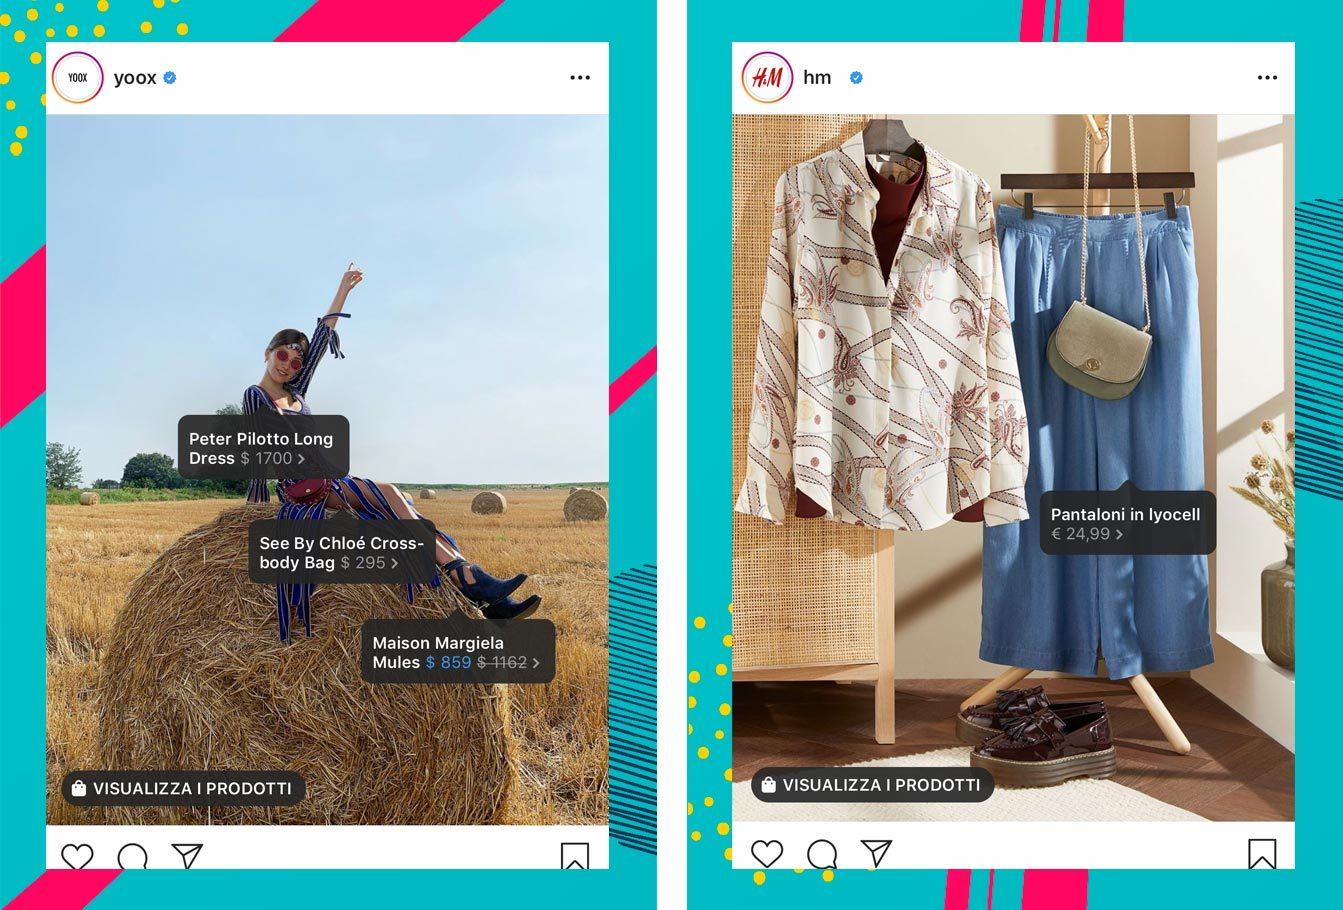 Esempi Instagram Shopping Fashion